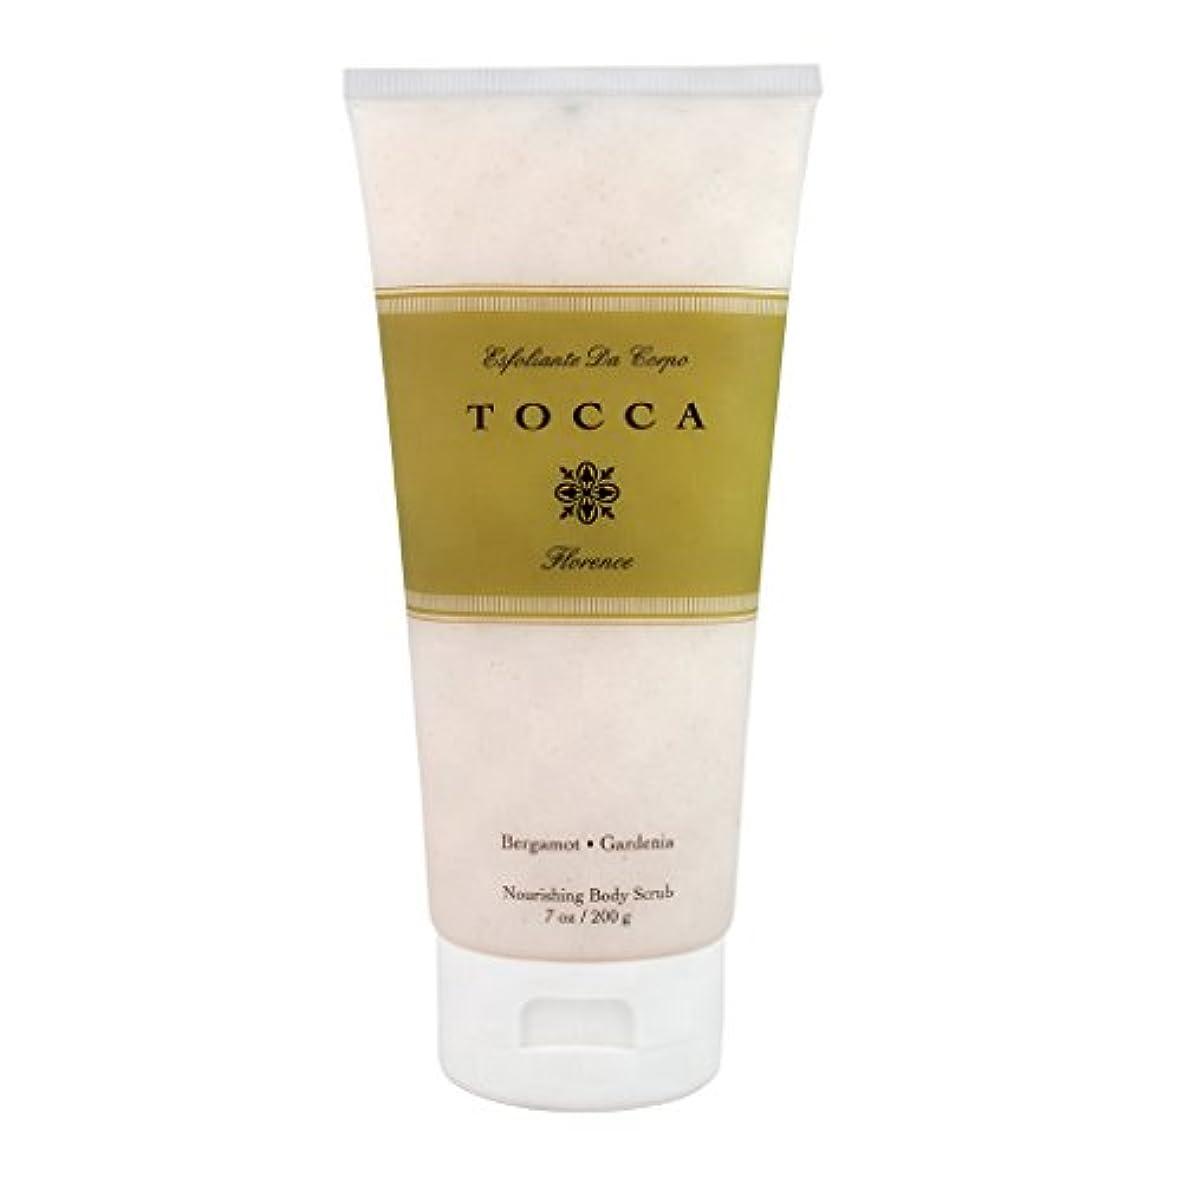 アークジュース合わせてトッカ(TOCCA) ボディーケアスクラブ フローレンスの香り 200ml(全身?ボディー用マッサージ料 ガーデニアとベルガモットが誘うように溶け合うどこまでも上品なフローラルの香り)